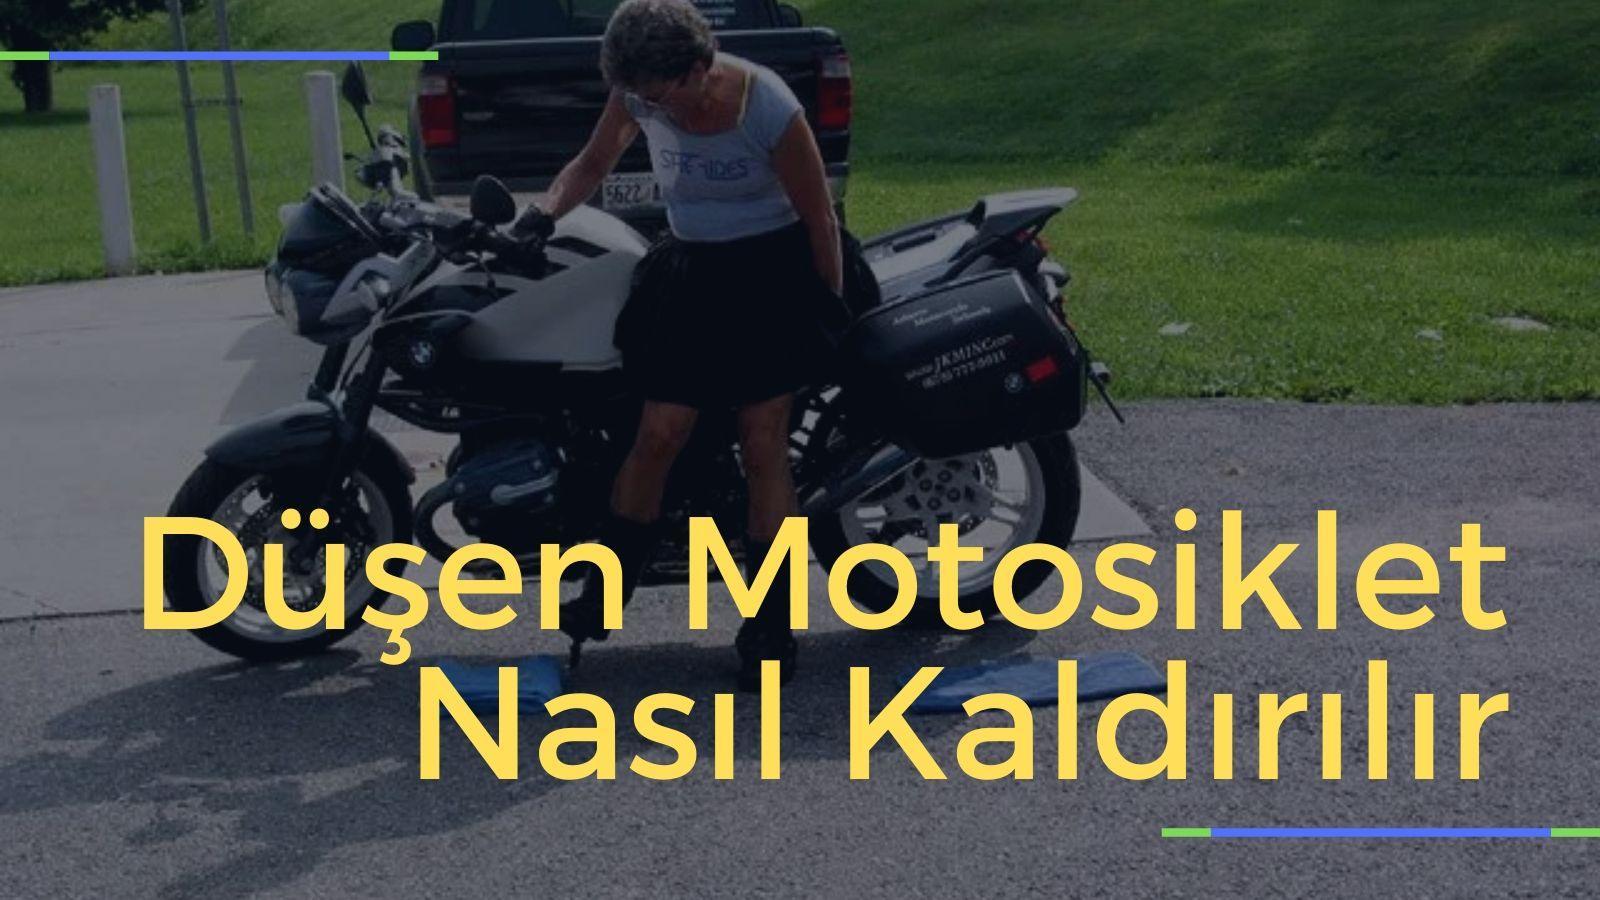 Düşen Motosiklet Nasıl Kaldırılır kapak